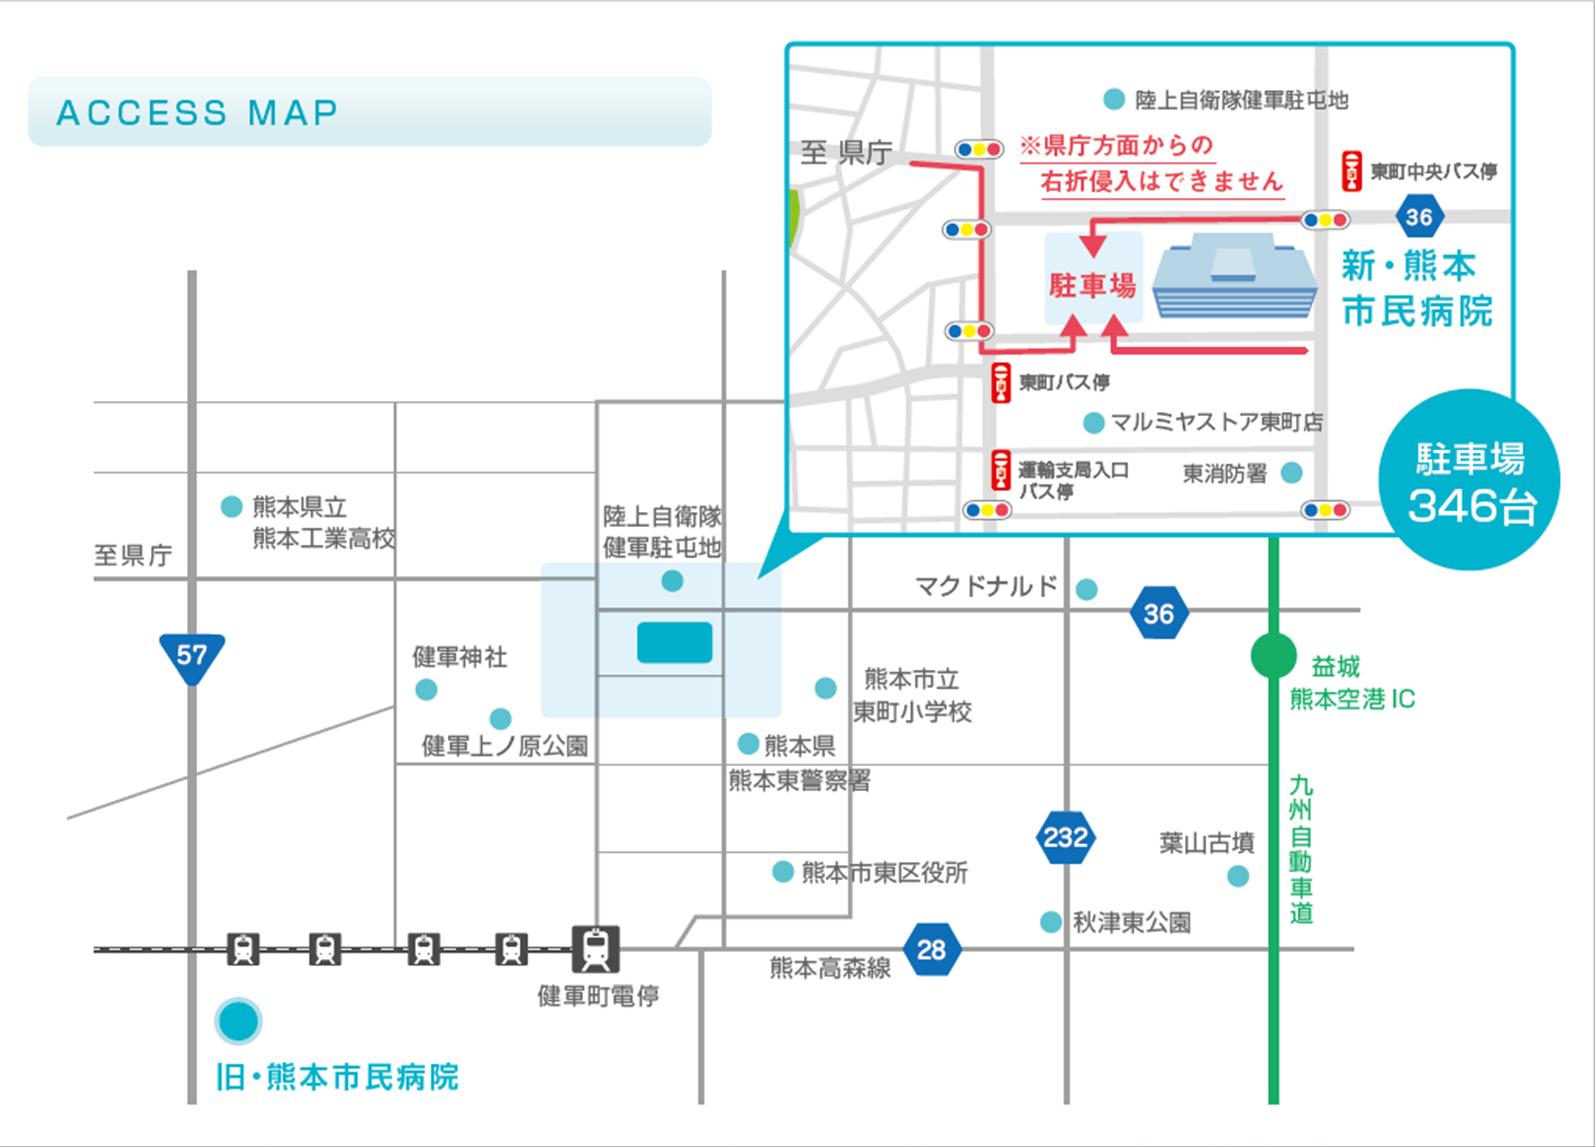 熊本市立 市民病院MAP